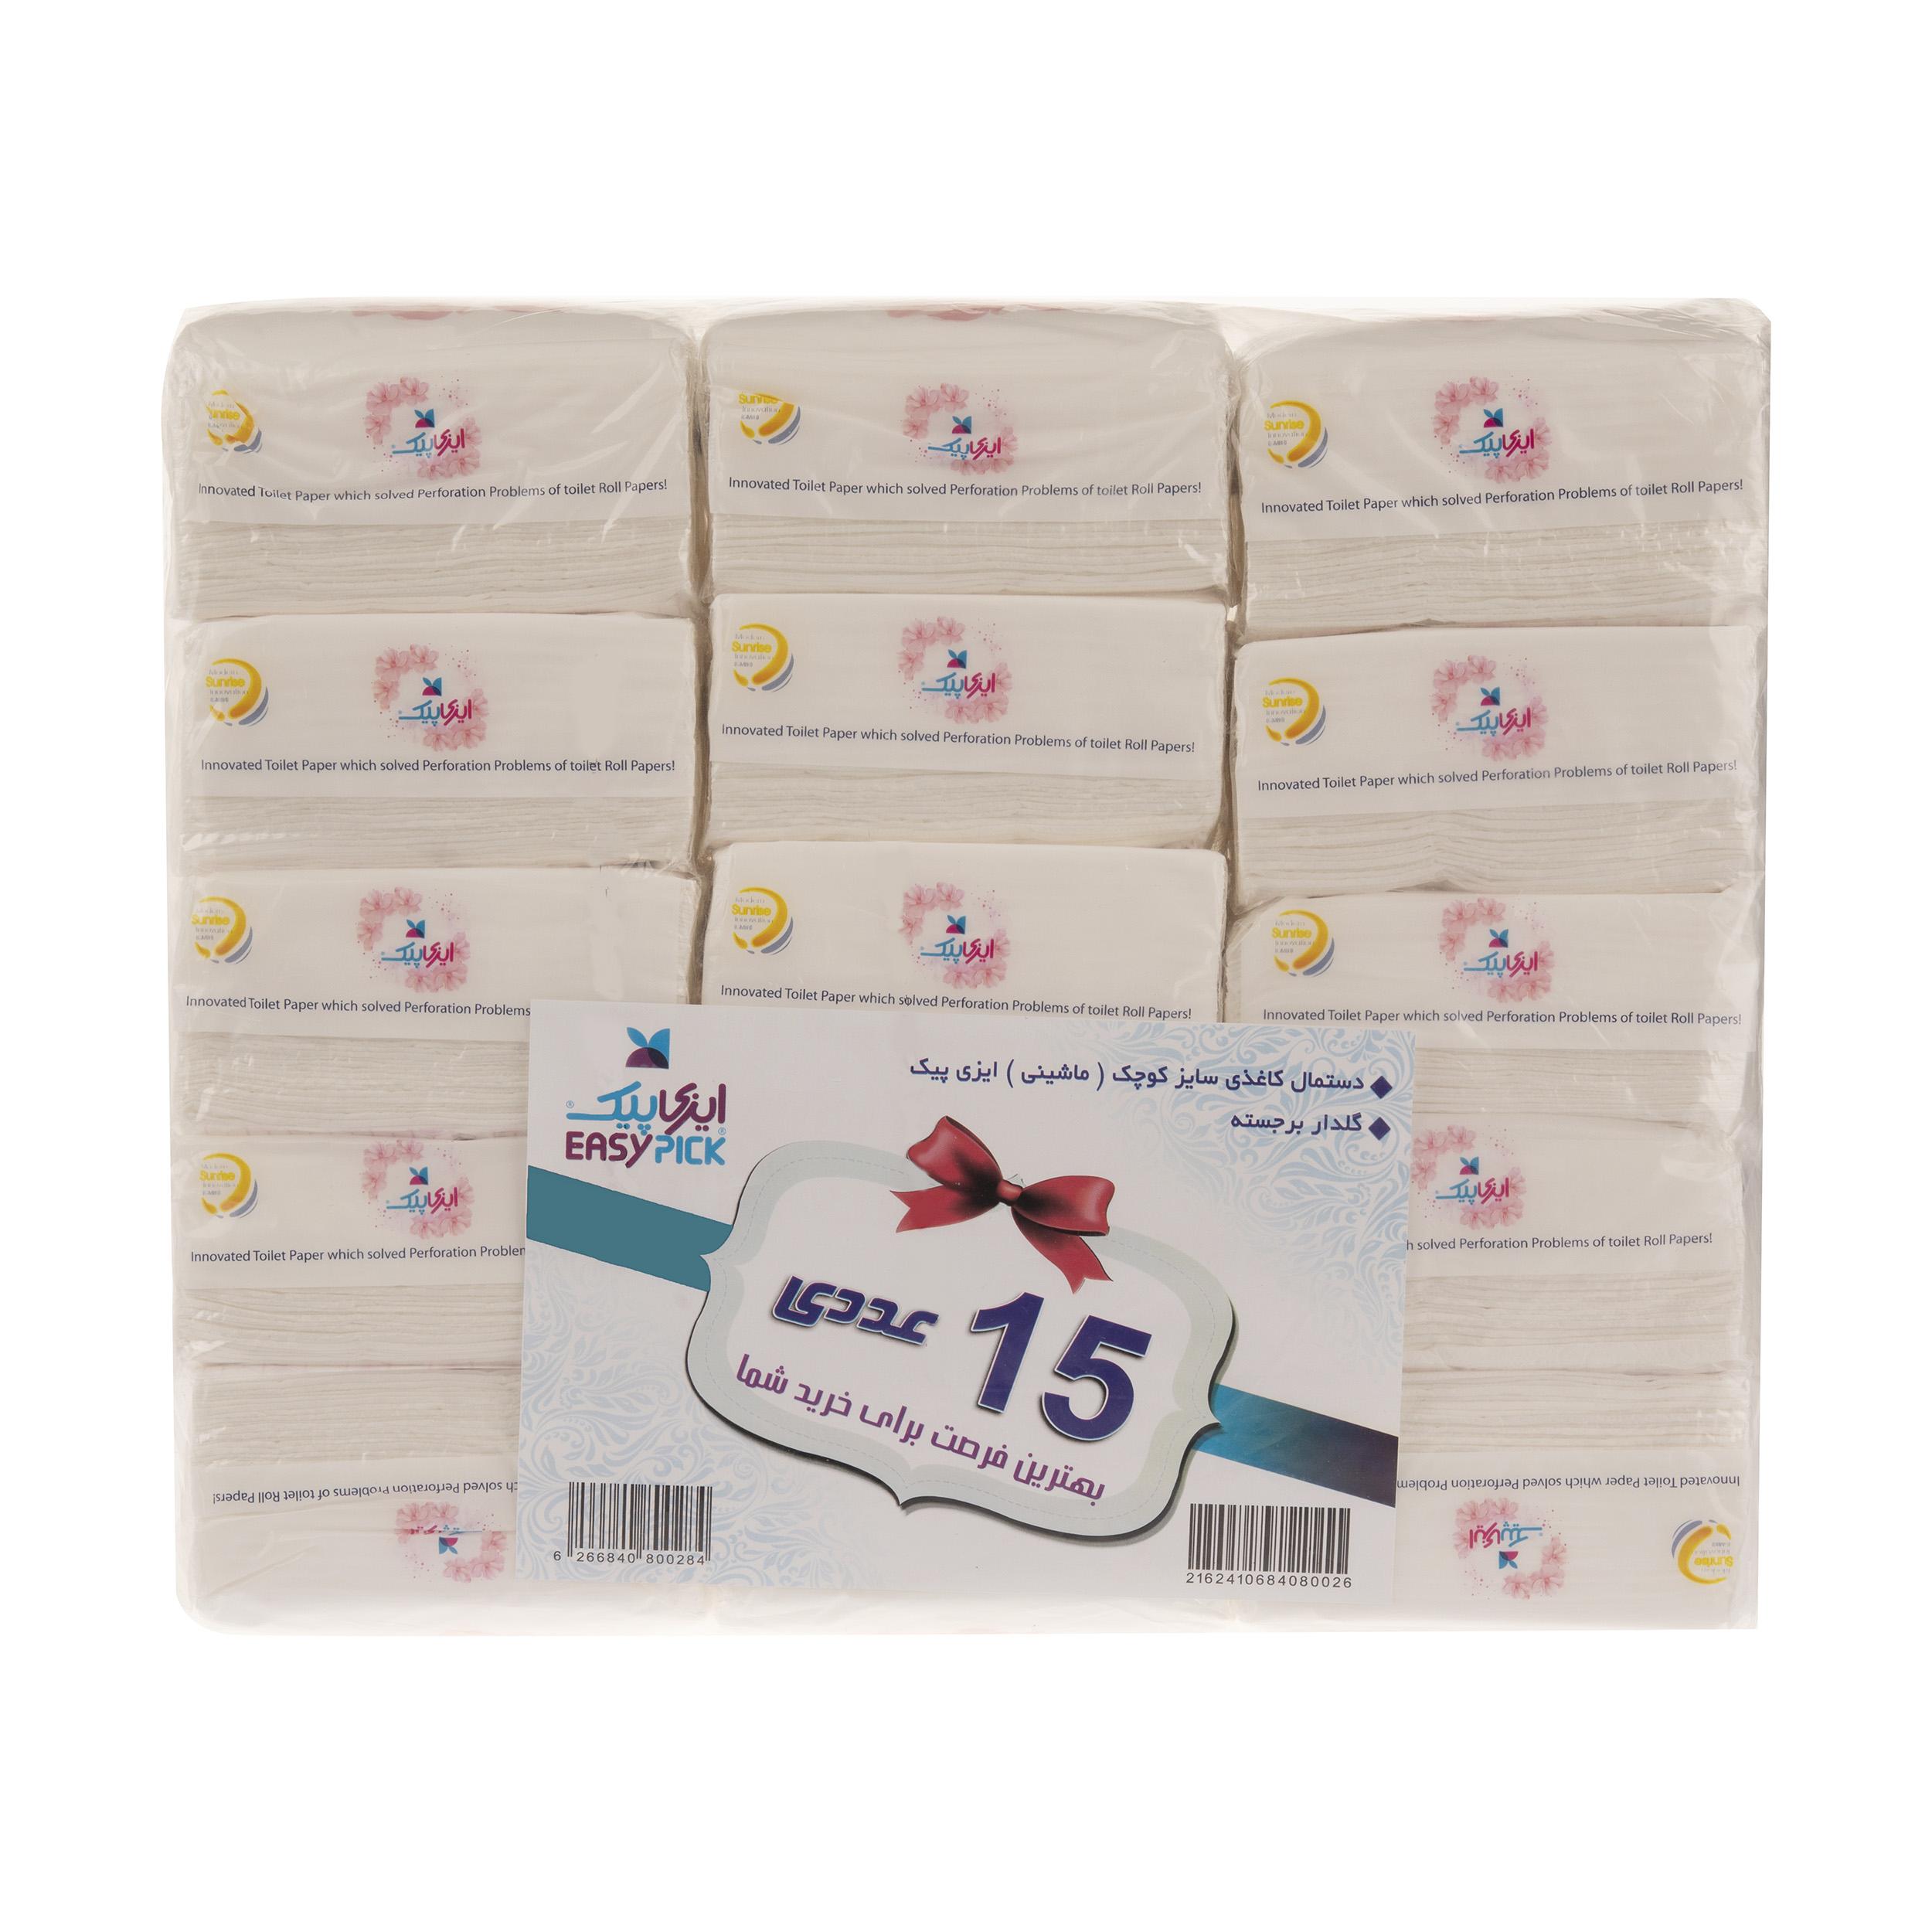 دستمال کاغذی 100 برگ ایزی پیک مدل Flower بسته 15 عددی